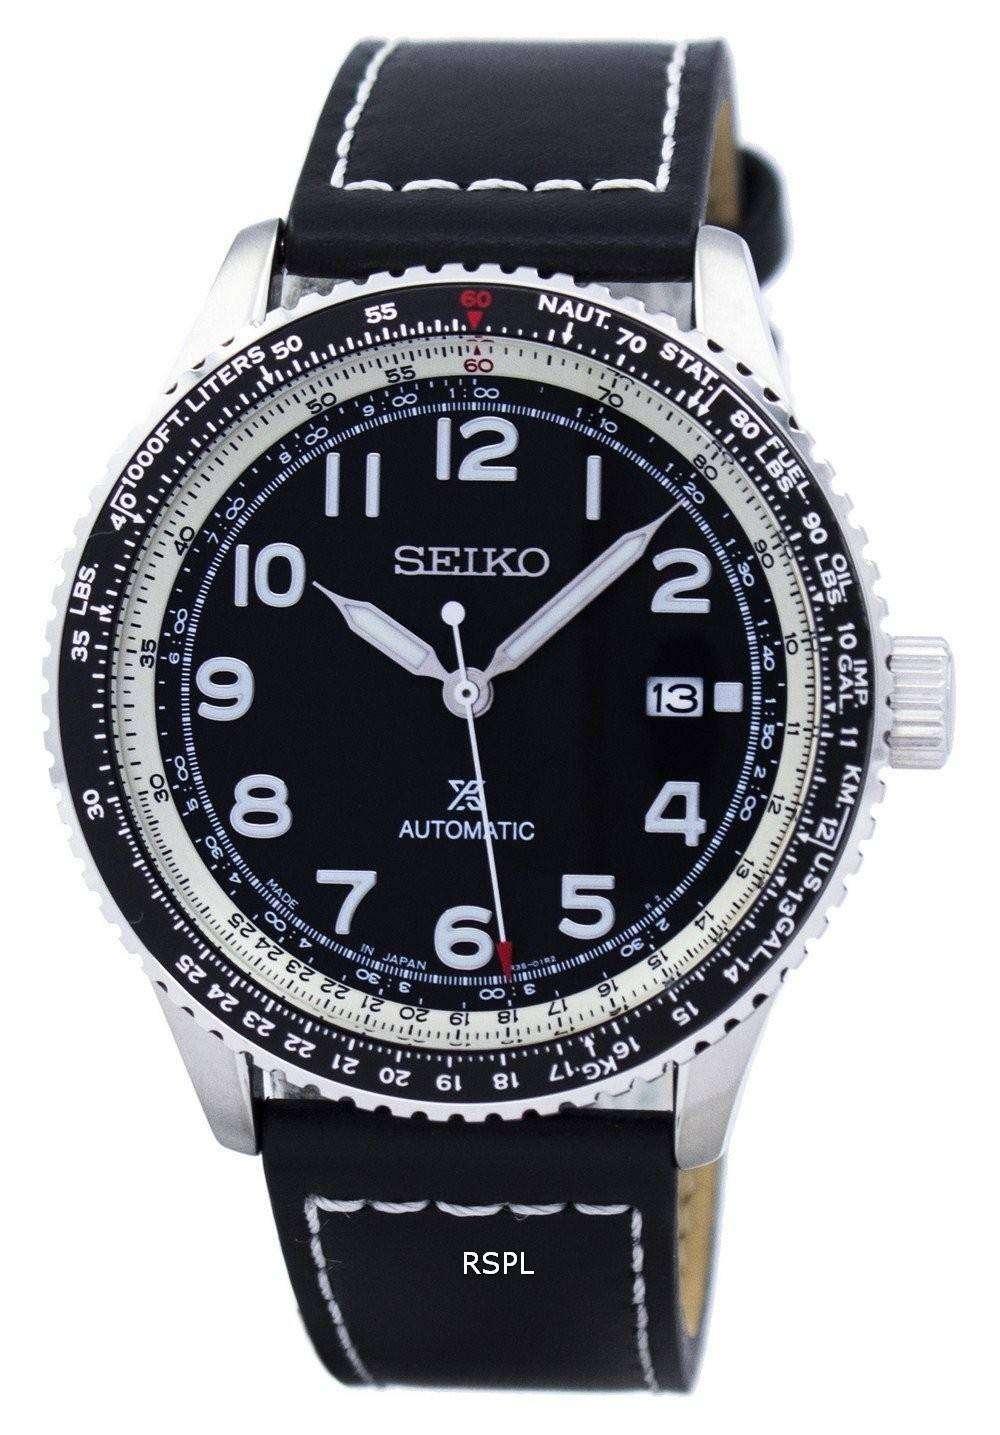 Seiko Prospex Automatic Japan Made SRPB61 SRPB61J1 SRPB61J ...